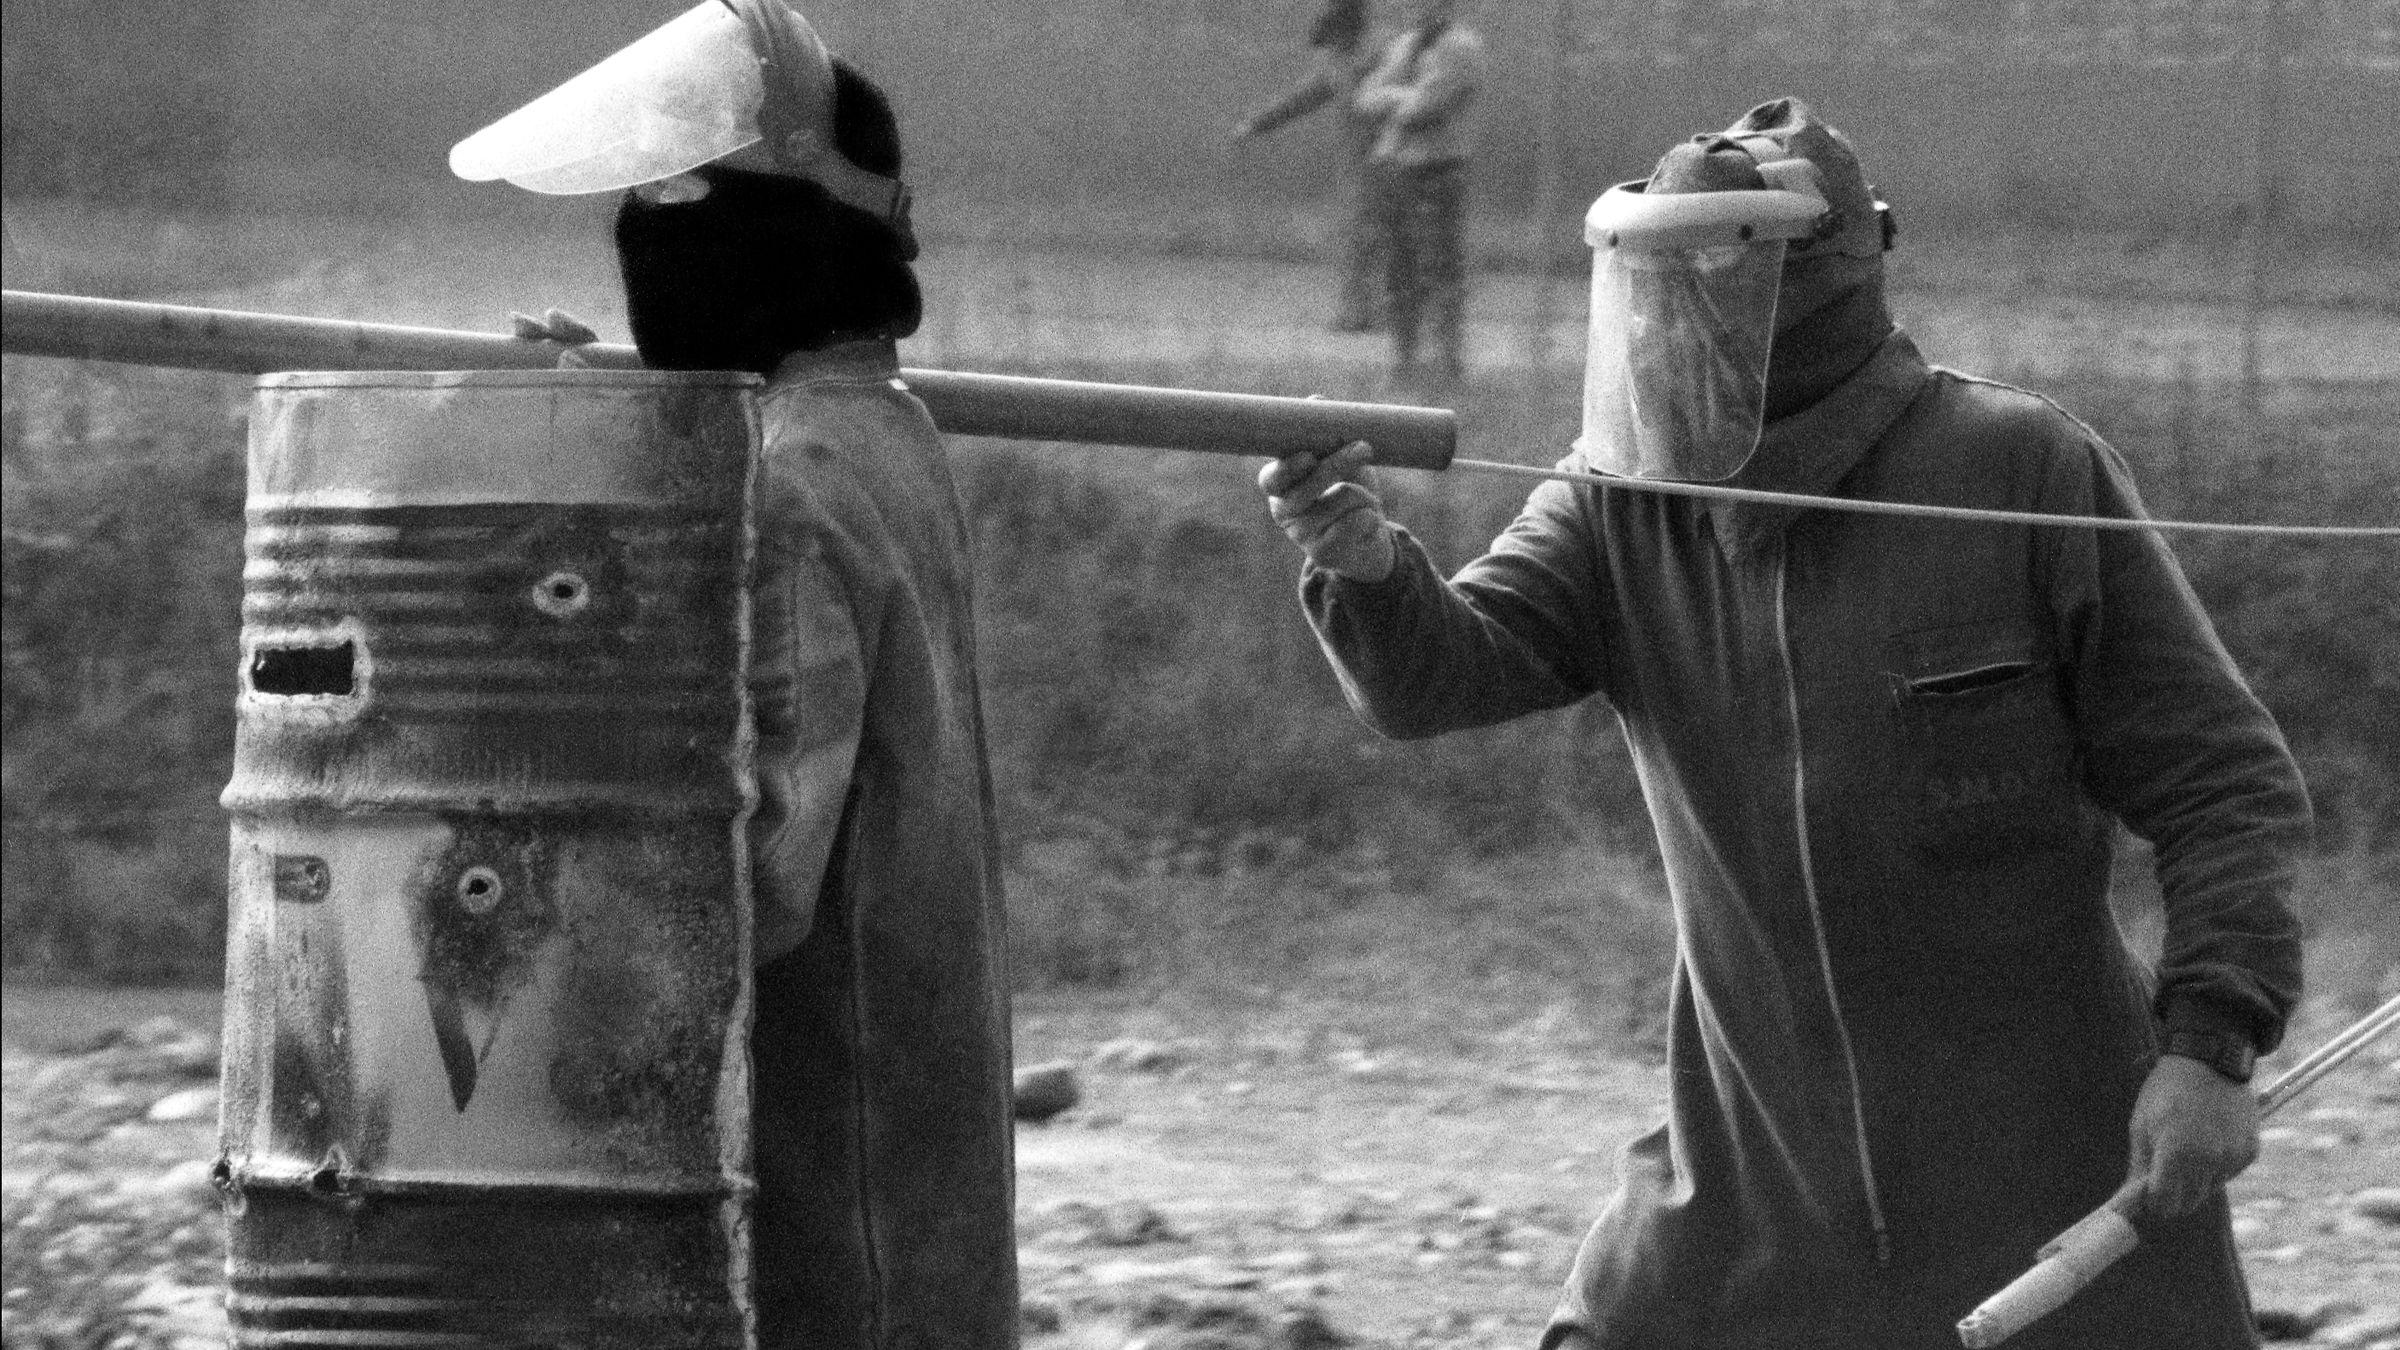 Movilizaciones de los 232 trabajadores despedidos de la empresa Duro Felguera. Langreo. Asturias 1993